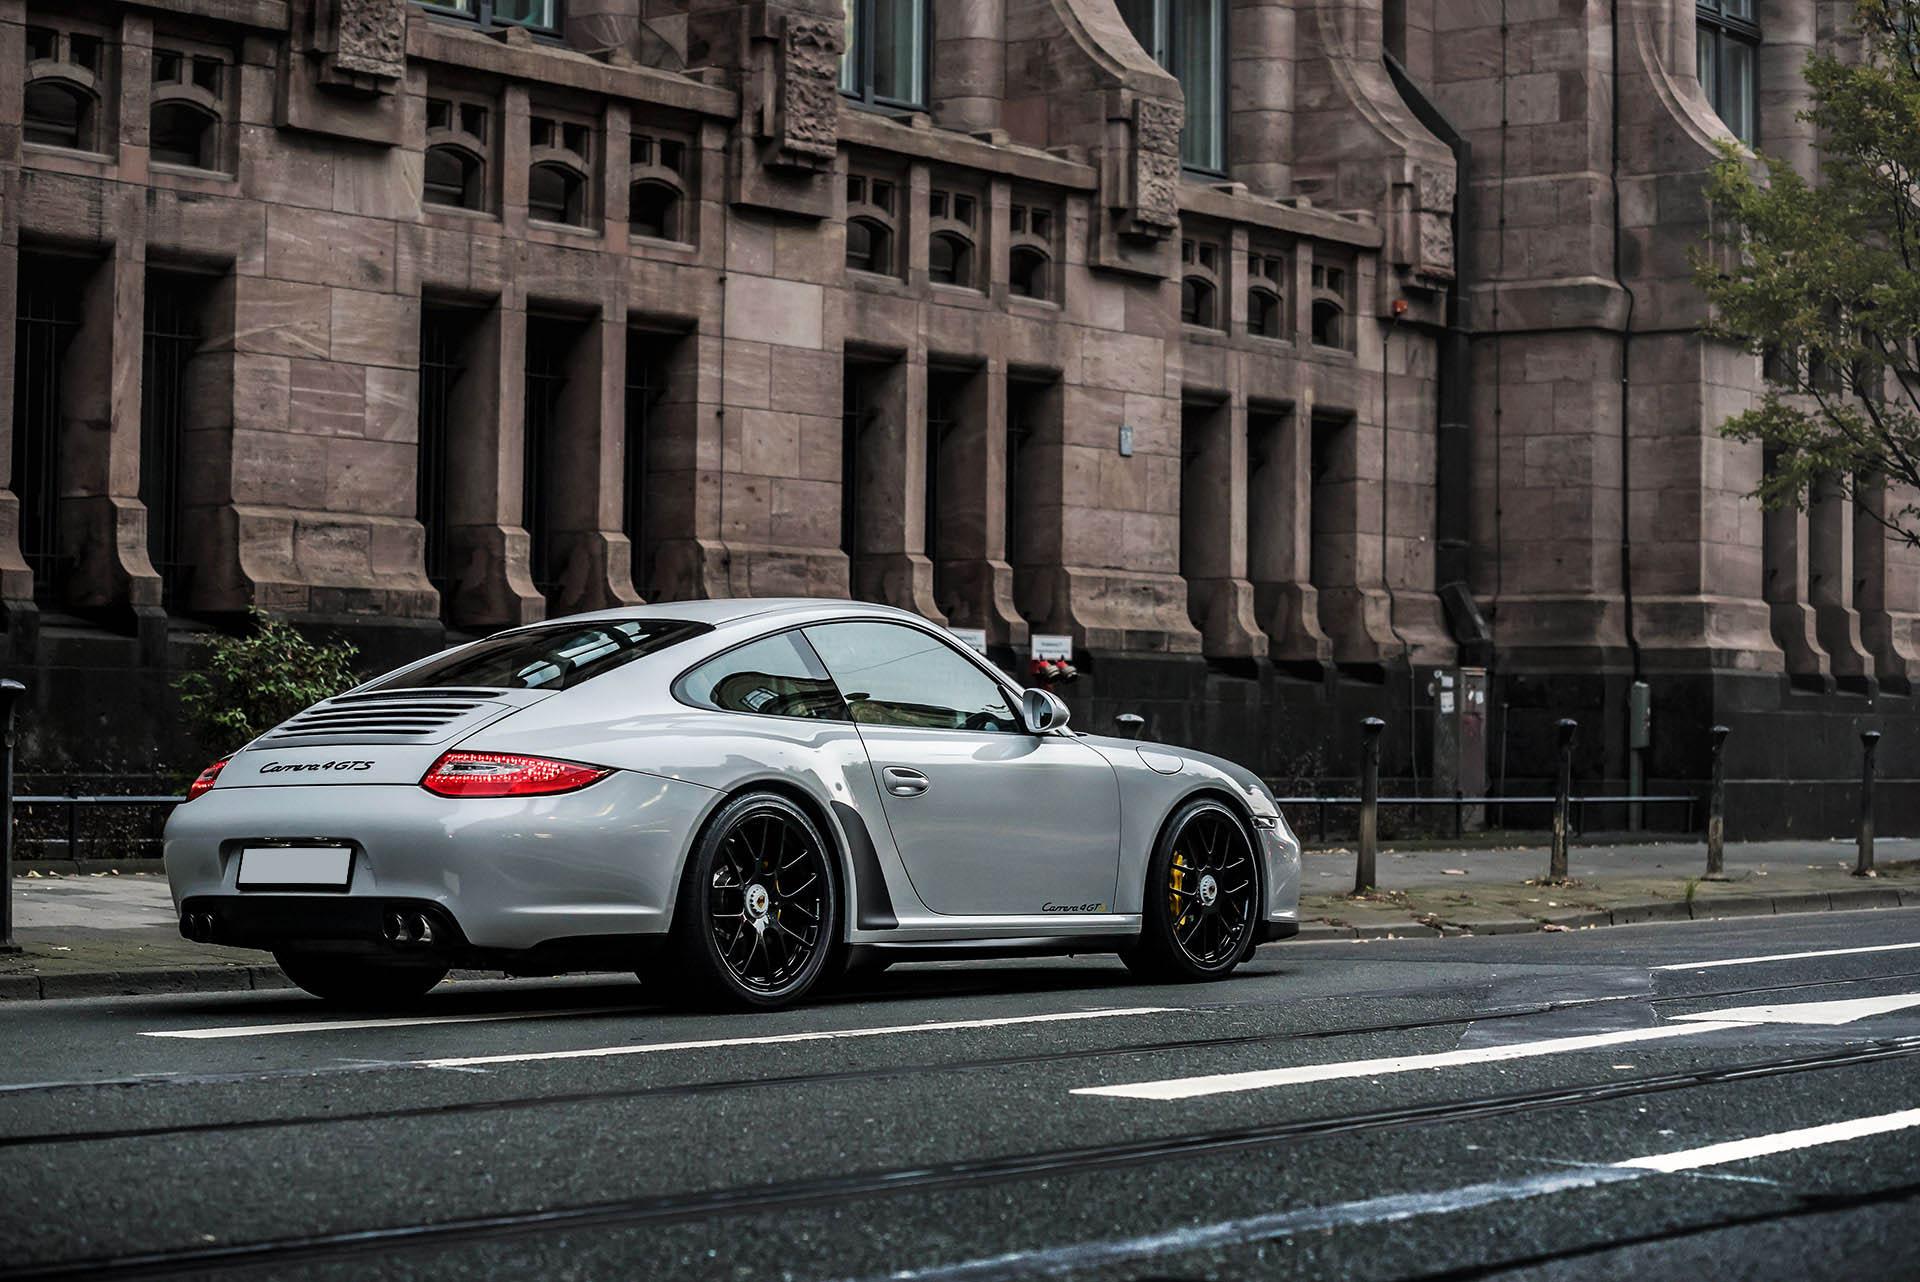 B&K_Sportwagen_Rheinland_GmbH_Porsche_997_4GTS_grau_17